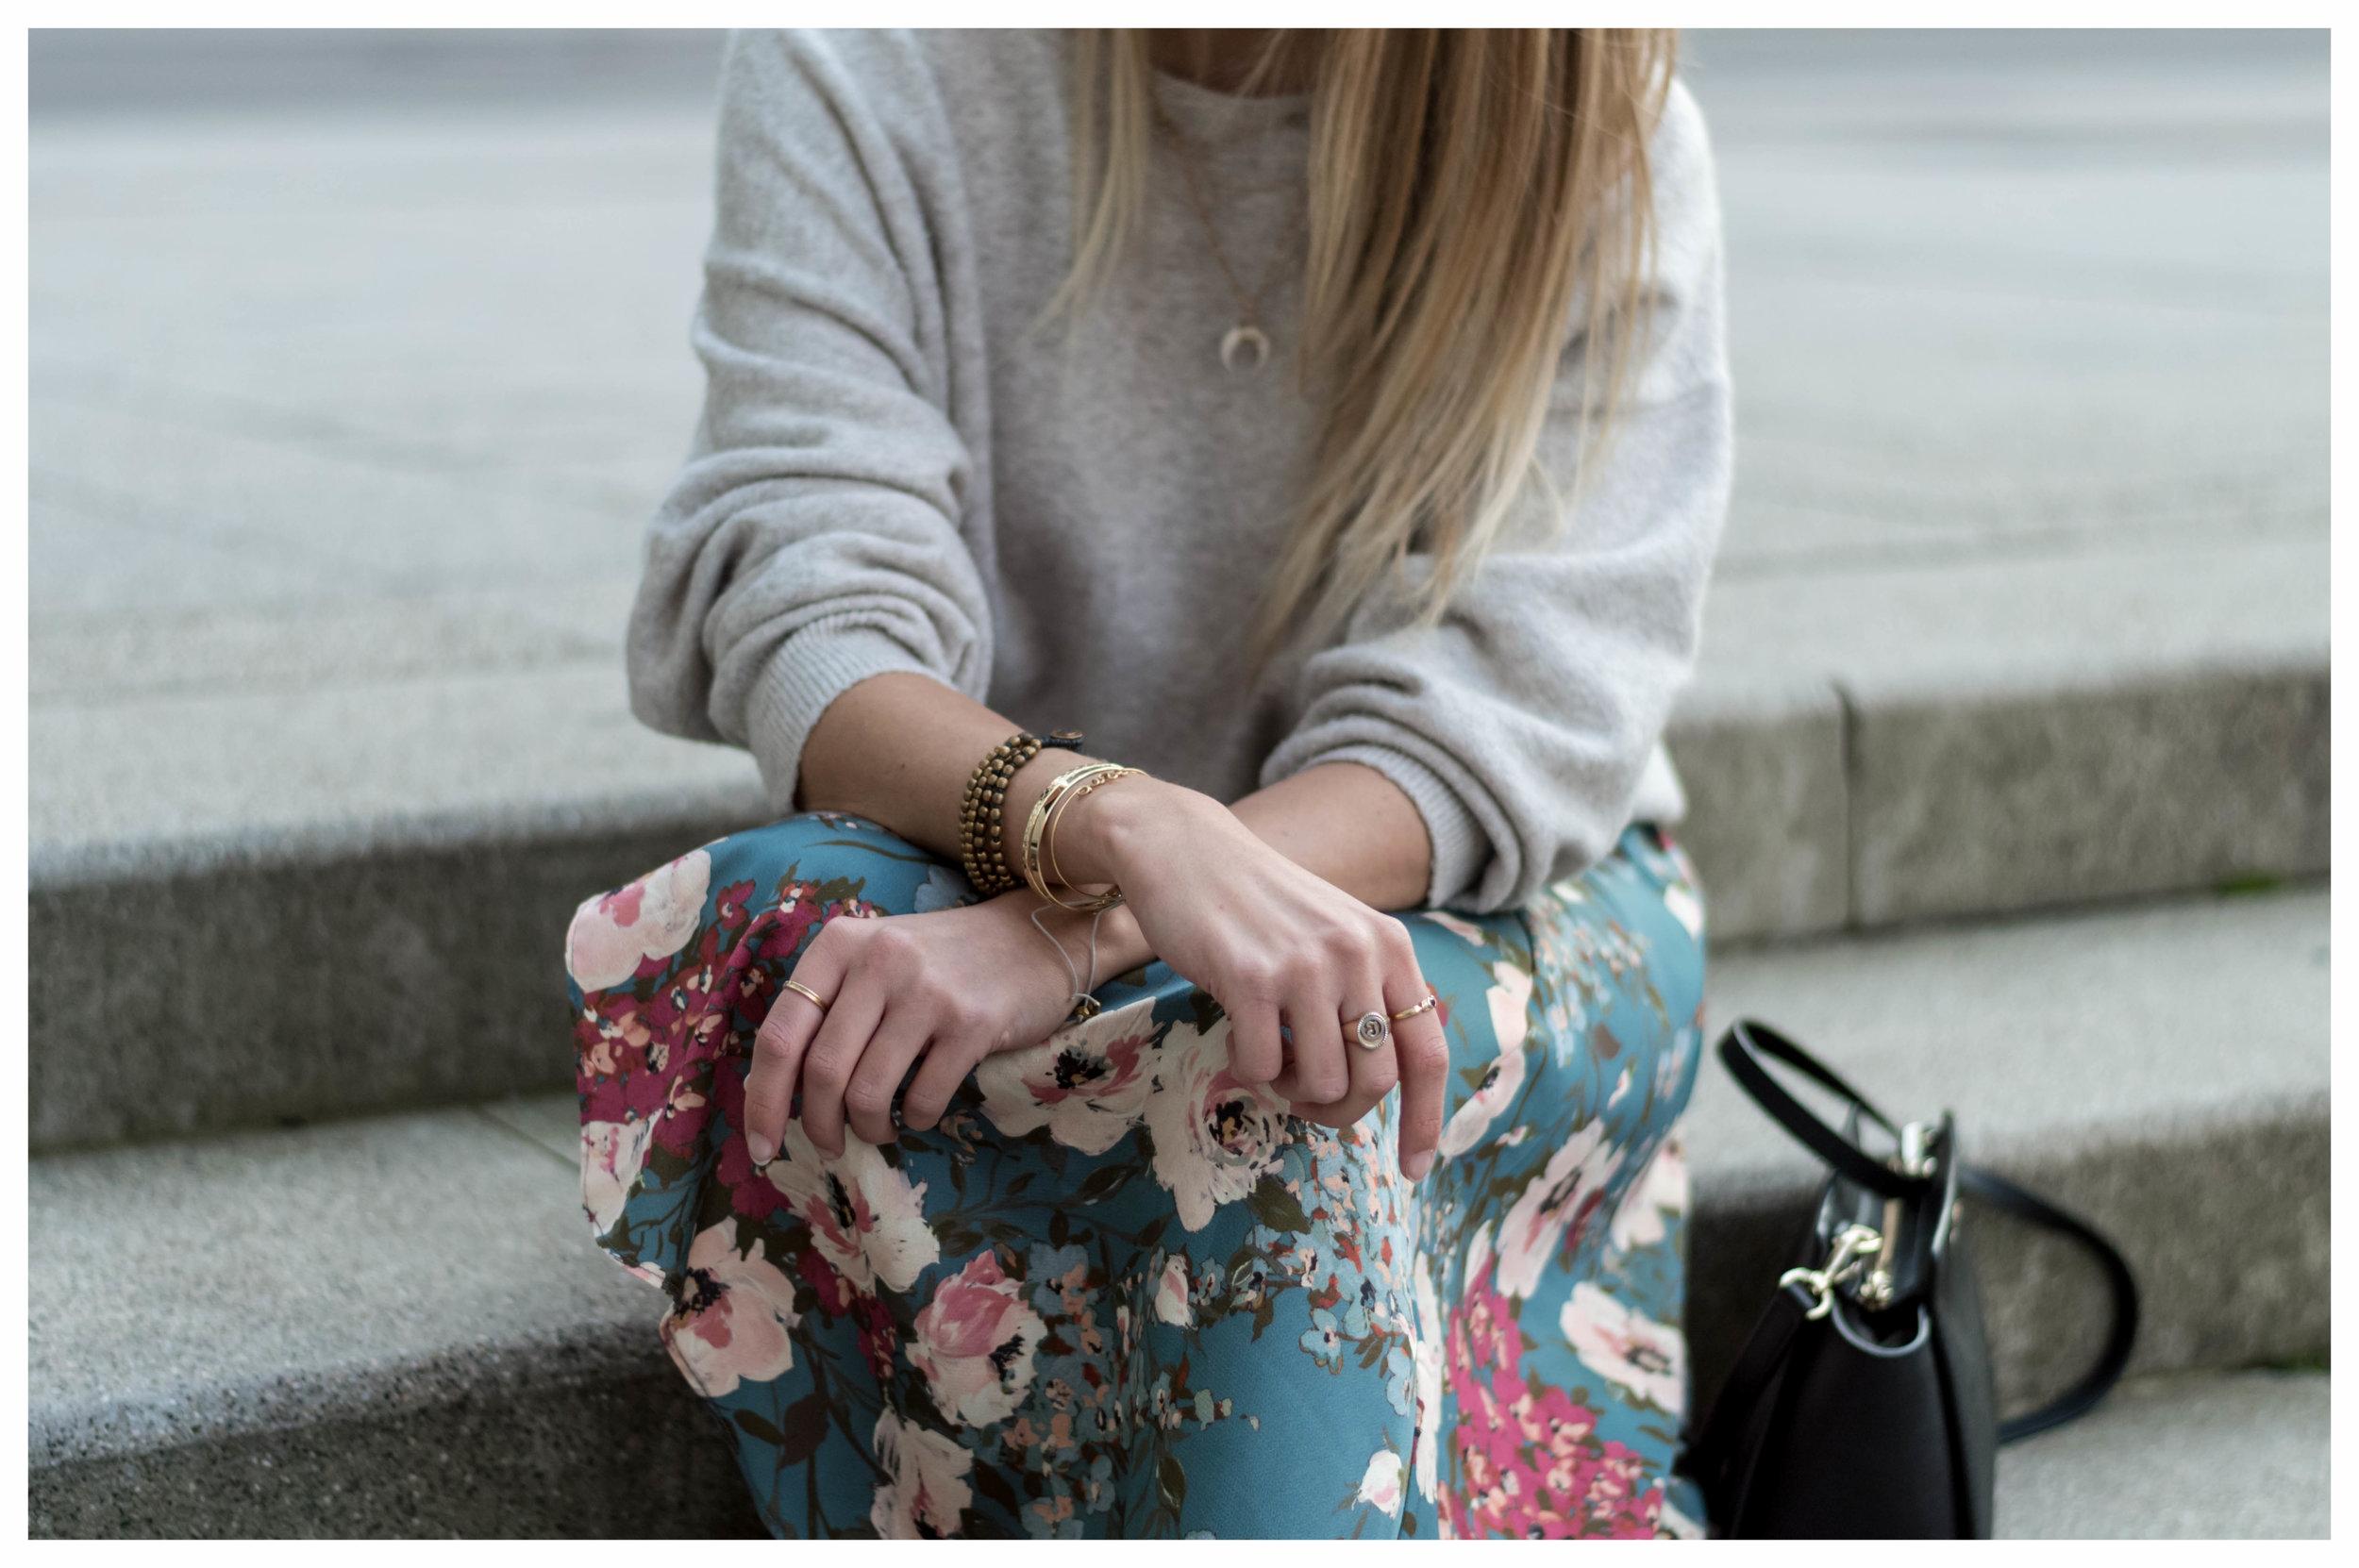 Floral Skirt Lux - OSIARAH.COM (18 sur 21).jpg